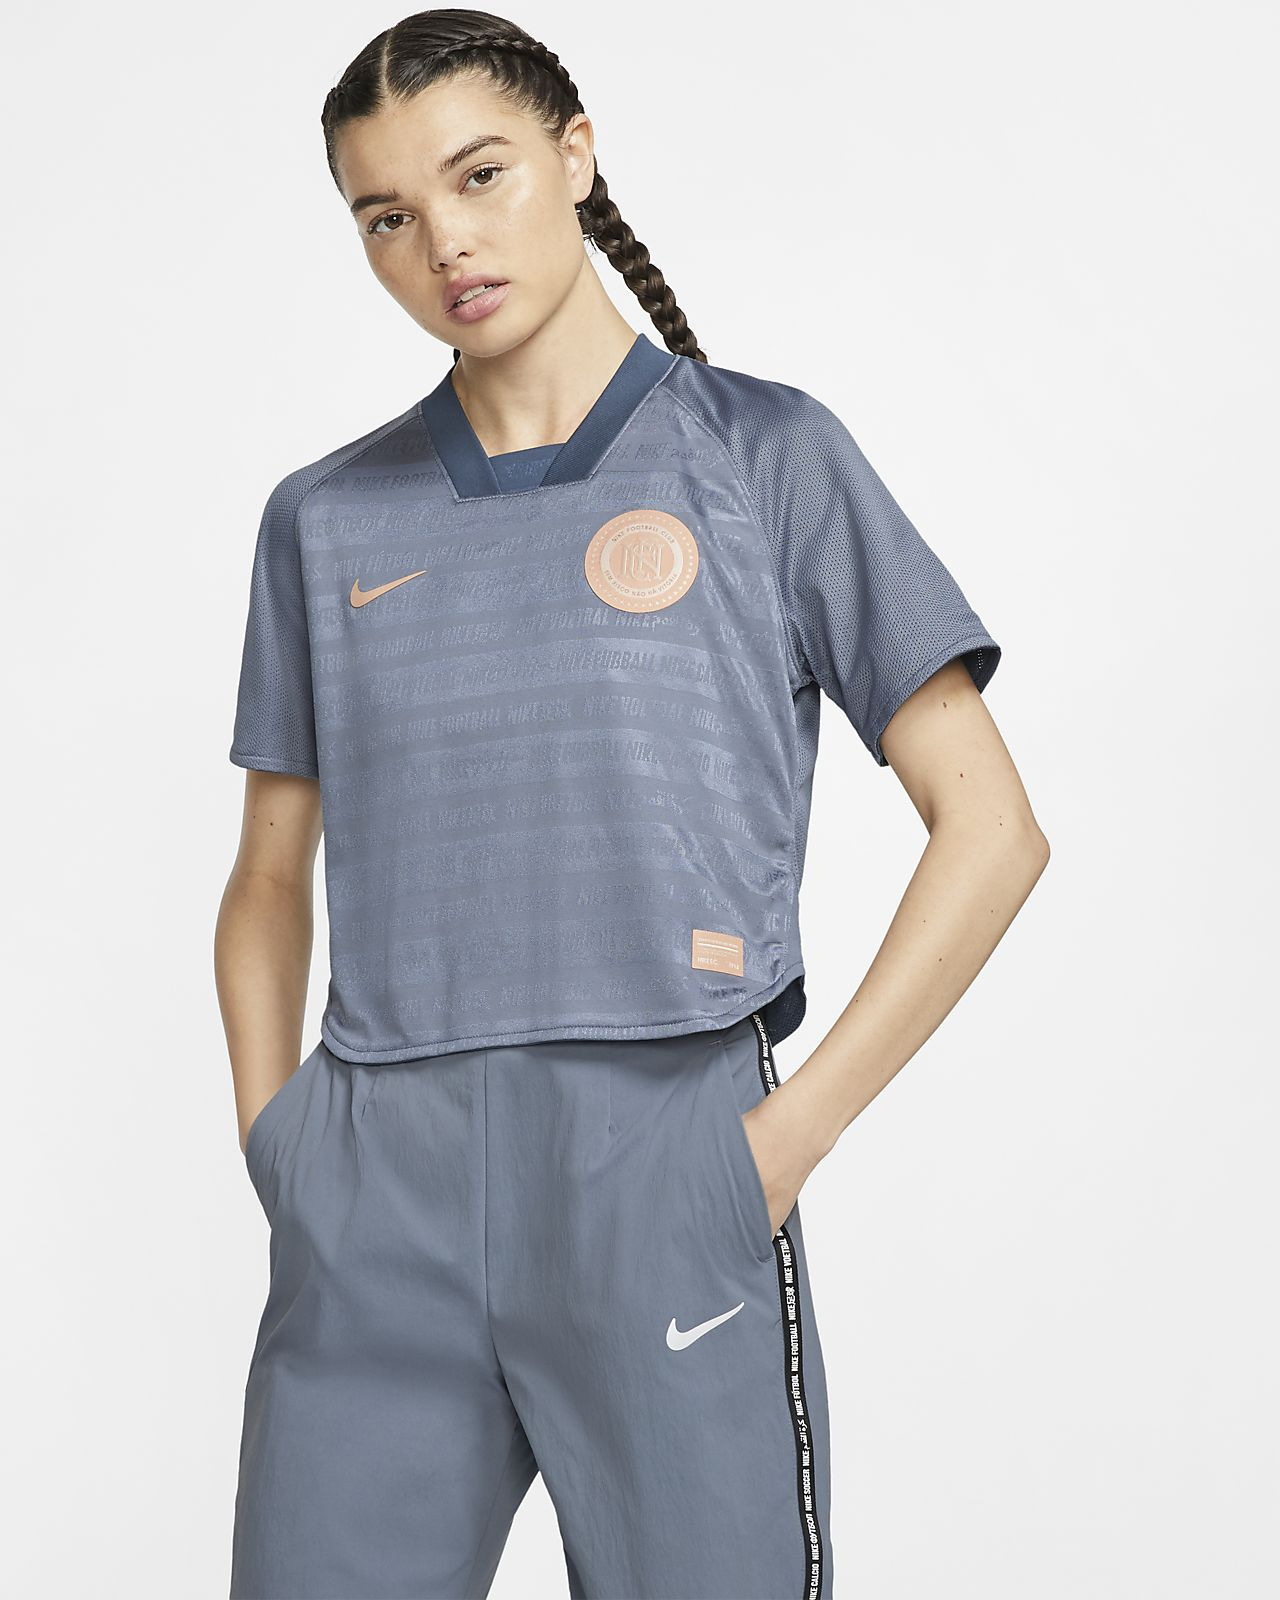 Nike F.C. Dri-FIT-fodboldoverdel med korte ærmer til kvinder